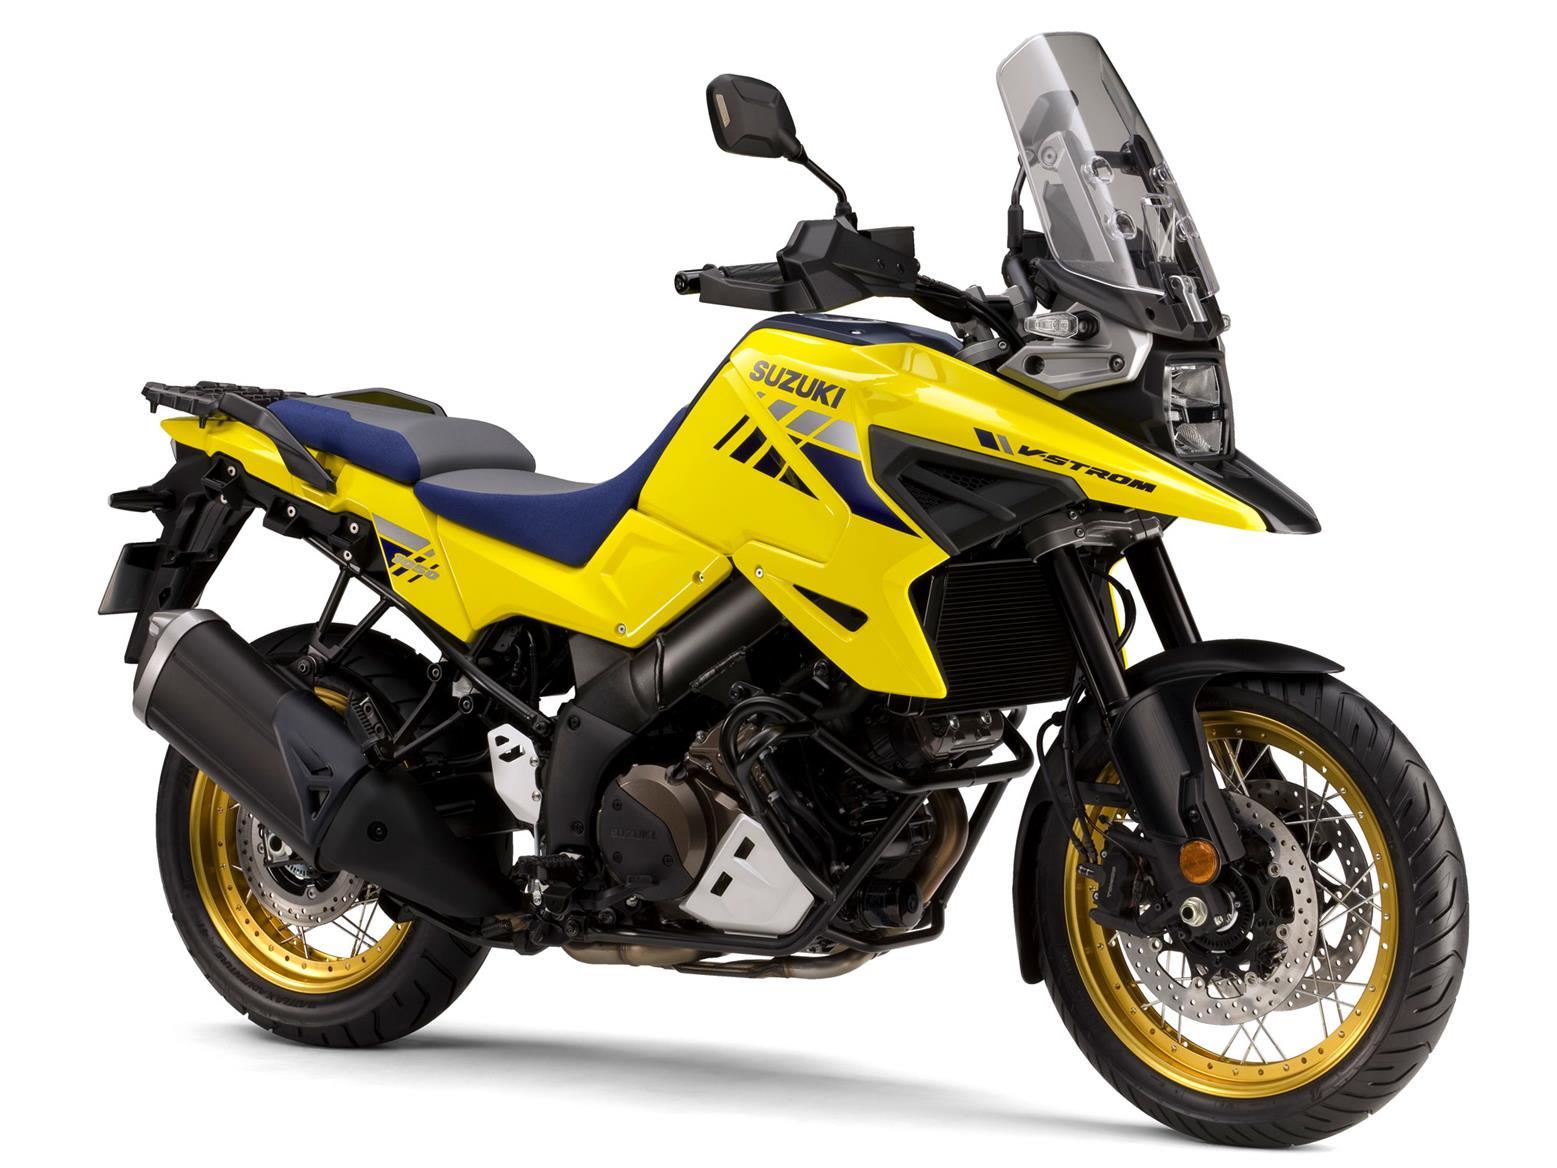 Suzuki V-Strom 1050 XT Pro, nuovo allestimento per chi ama